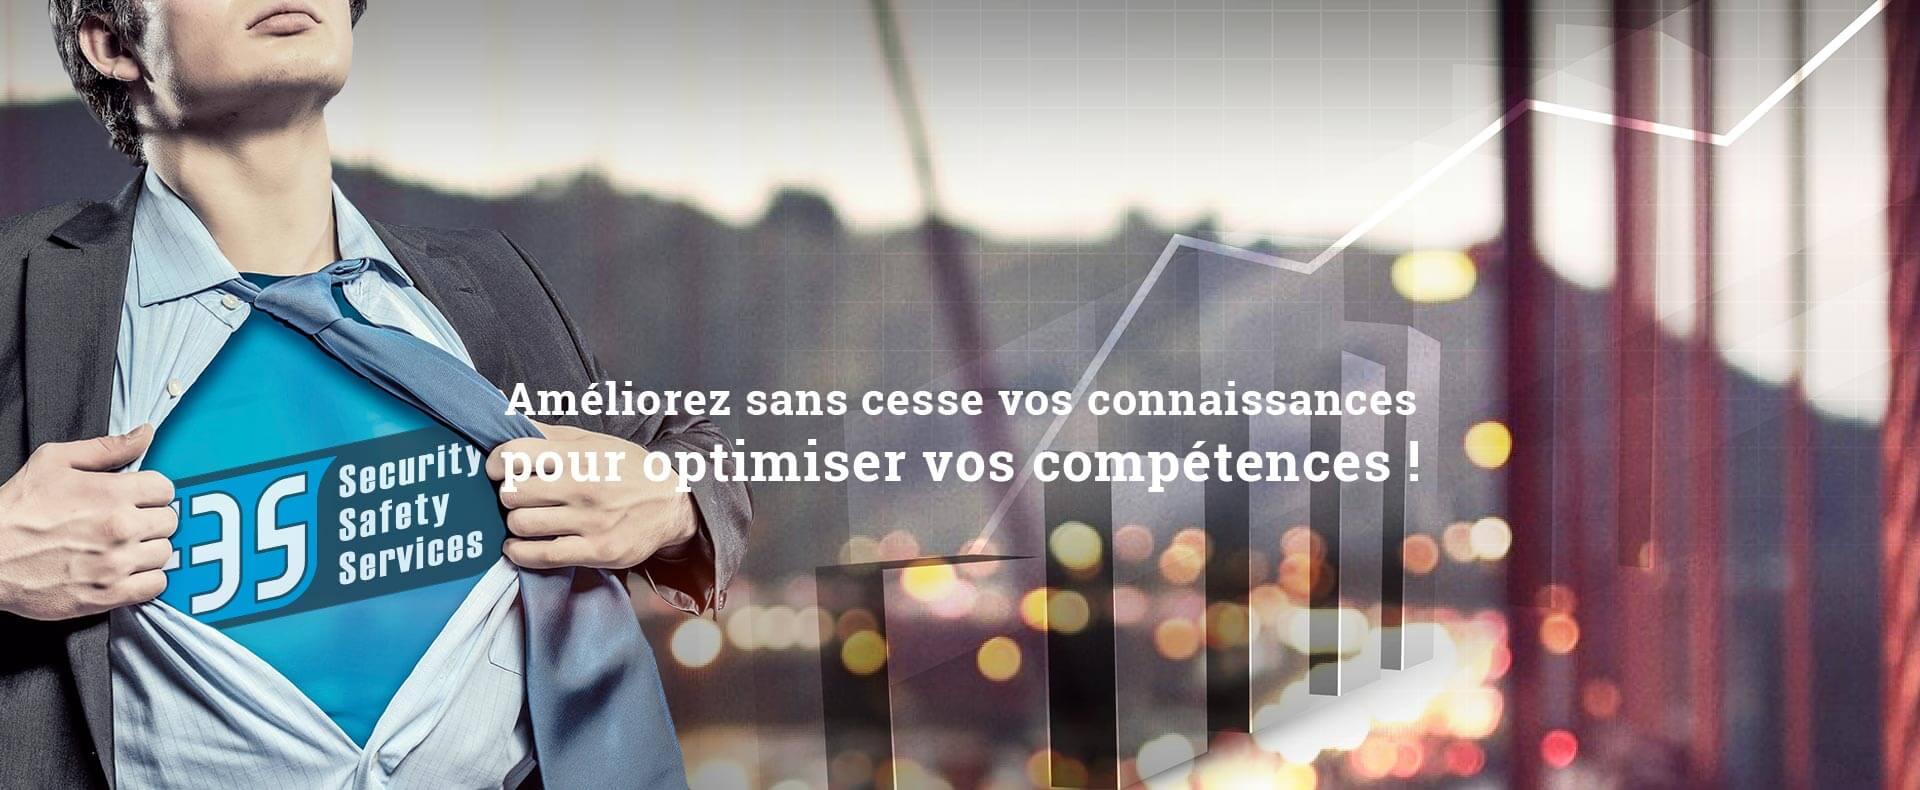 Améliorez sans cesse vos connaissances pour optimiser vos compétences !